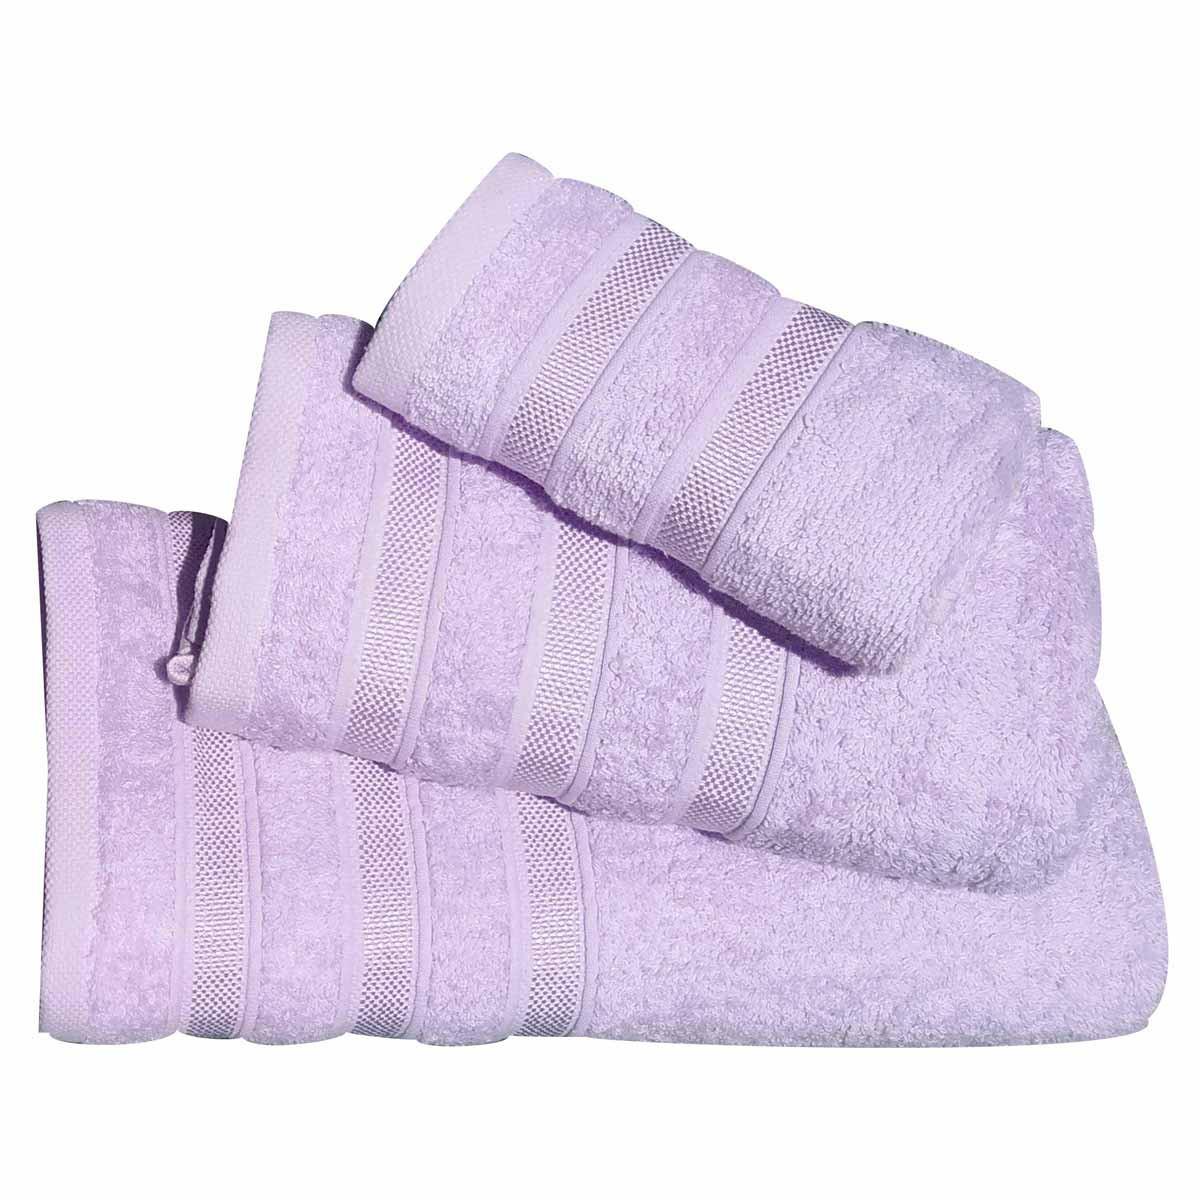 Πετσέτες Μπάνιου (Σετ 3τμχ) Morven 1908 Lilac